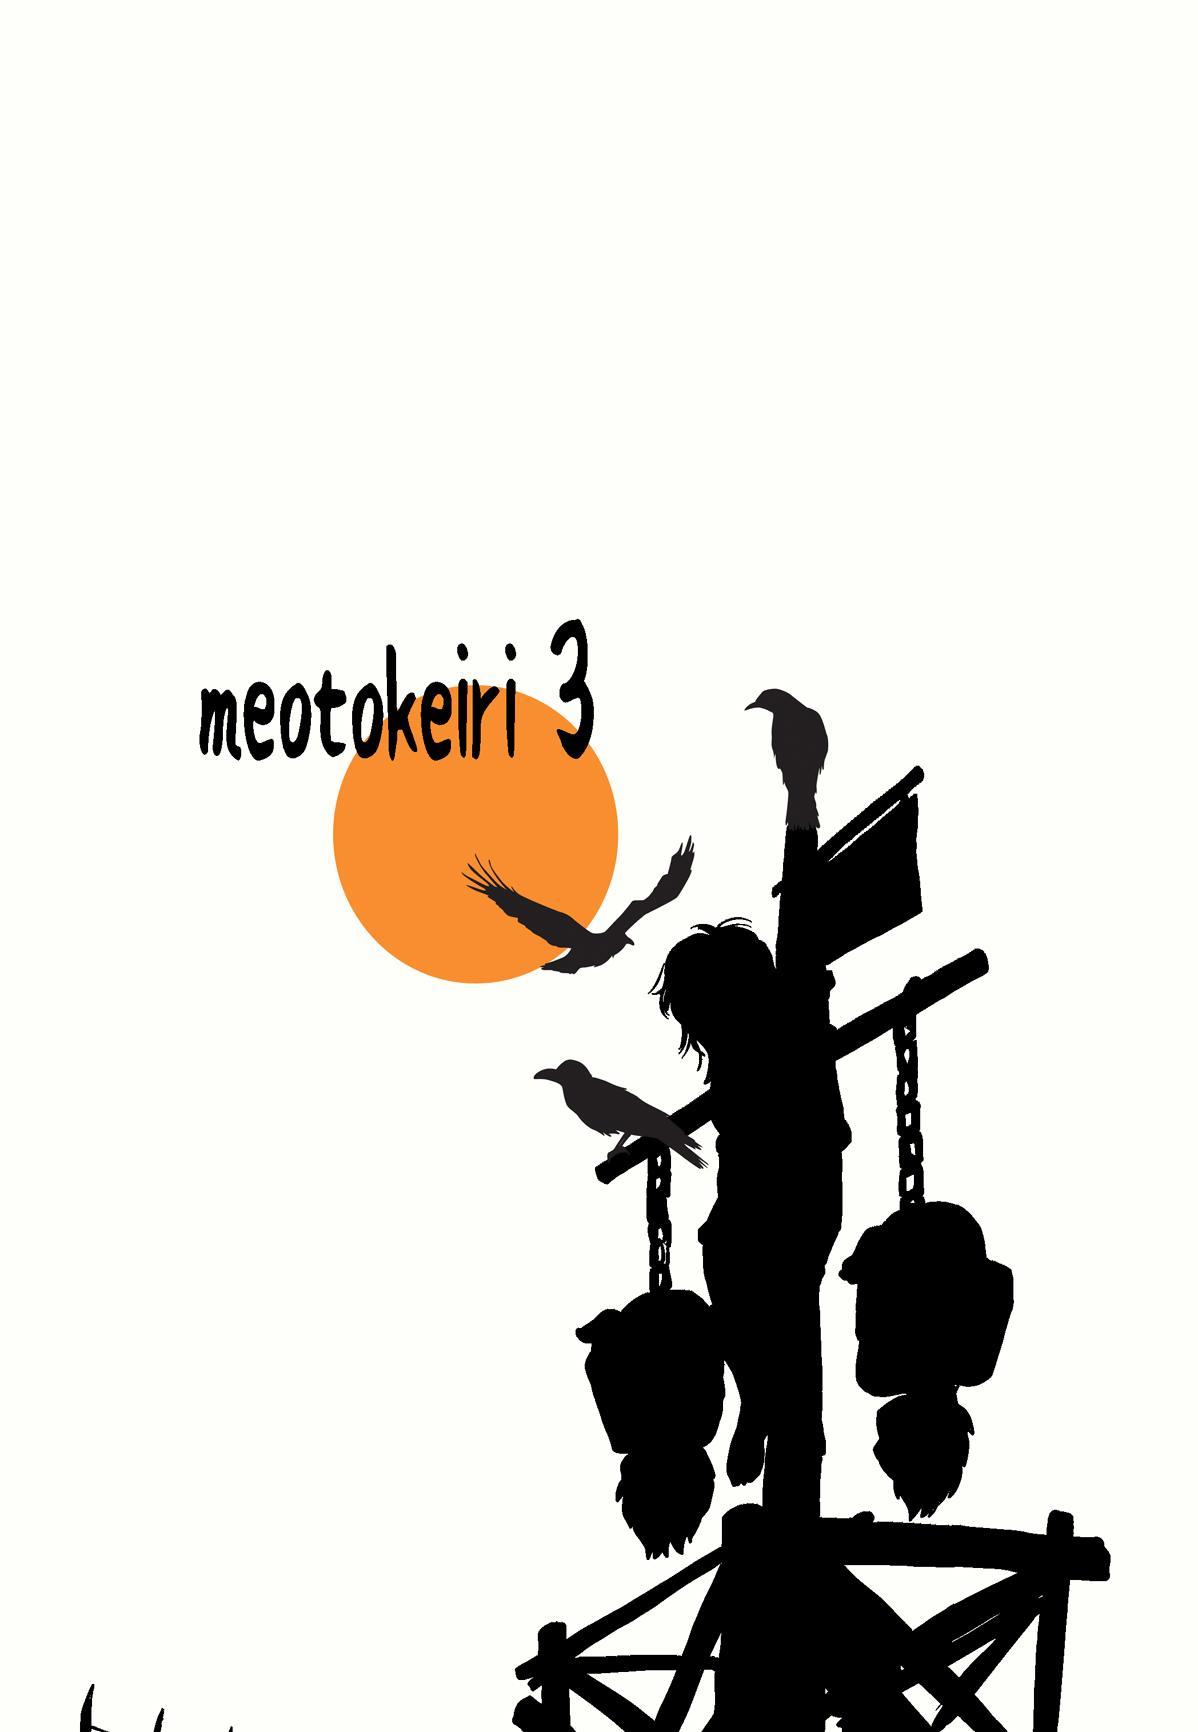 Meoto Keiri 3 23